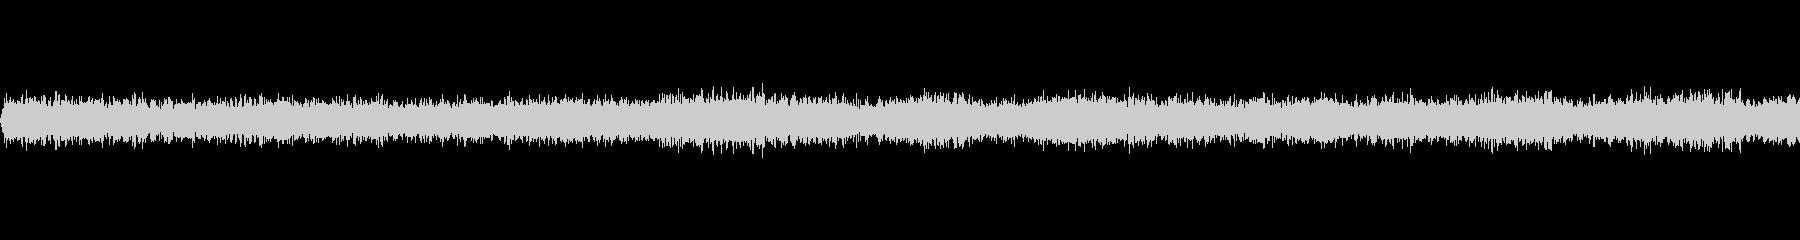 夏の田舎の夜(環境音)/虫の鳴き声の未再生の波形